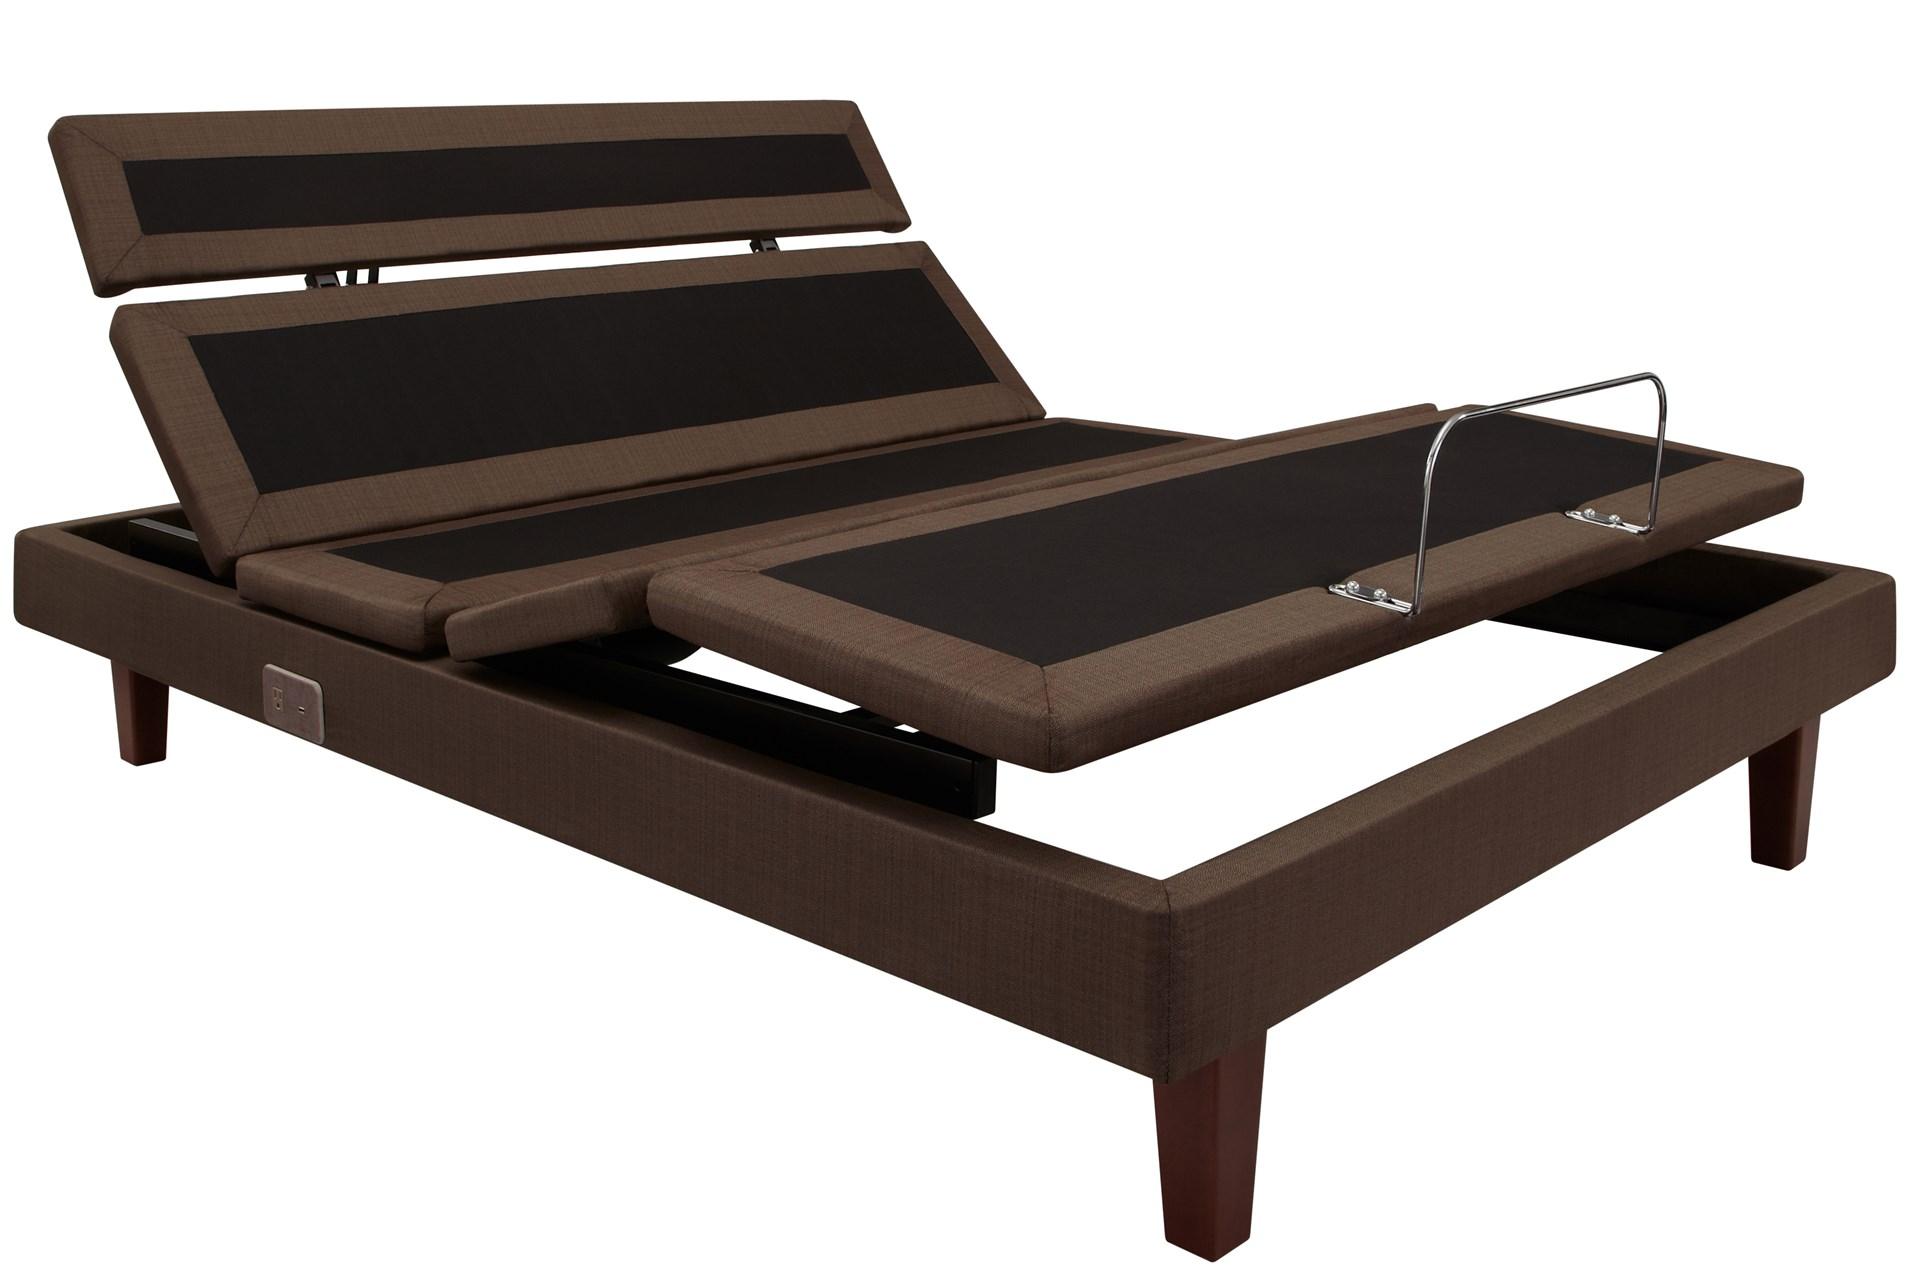 Newport Platform Bed Frame